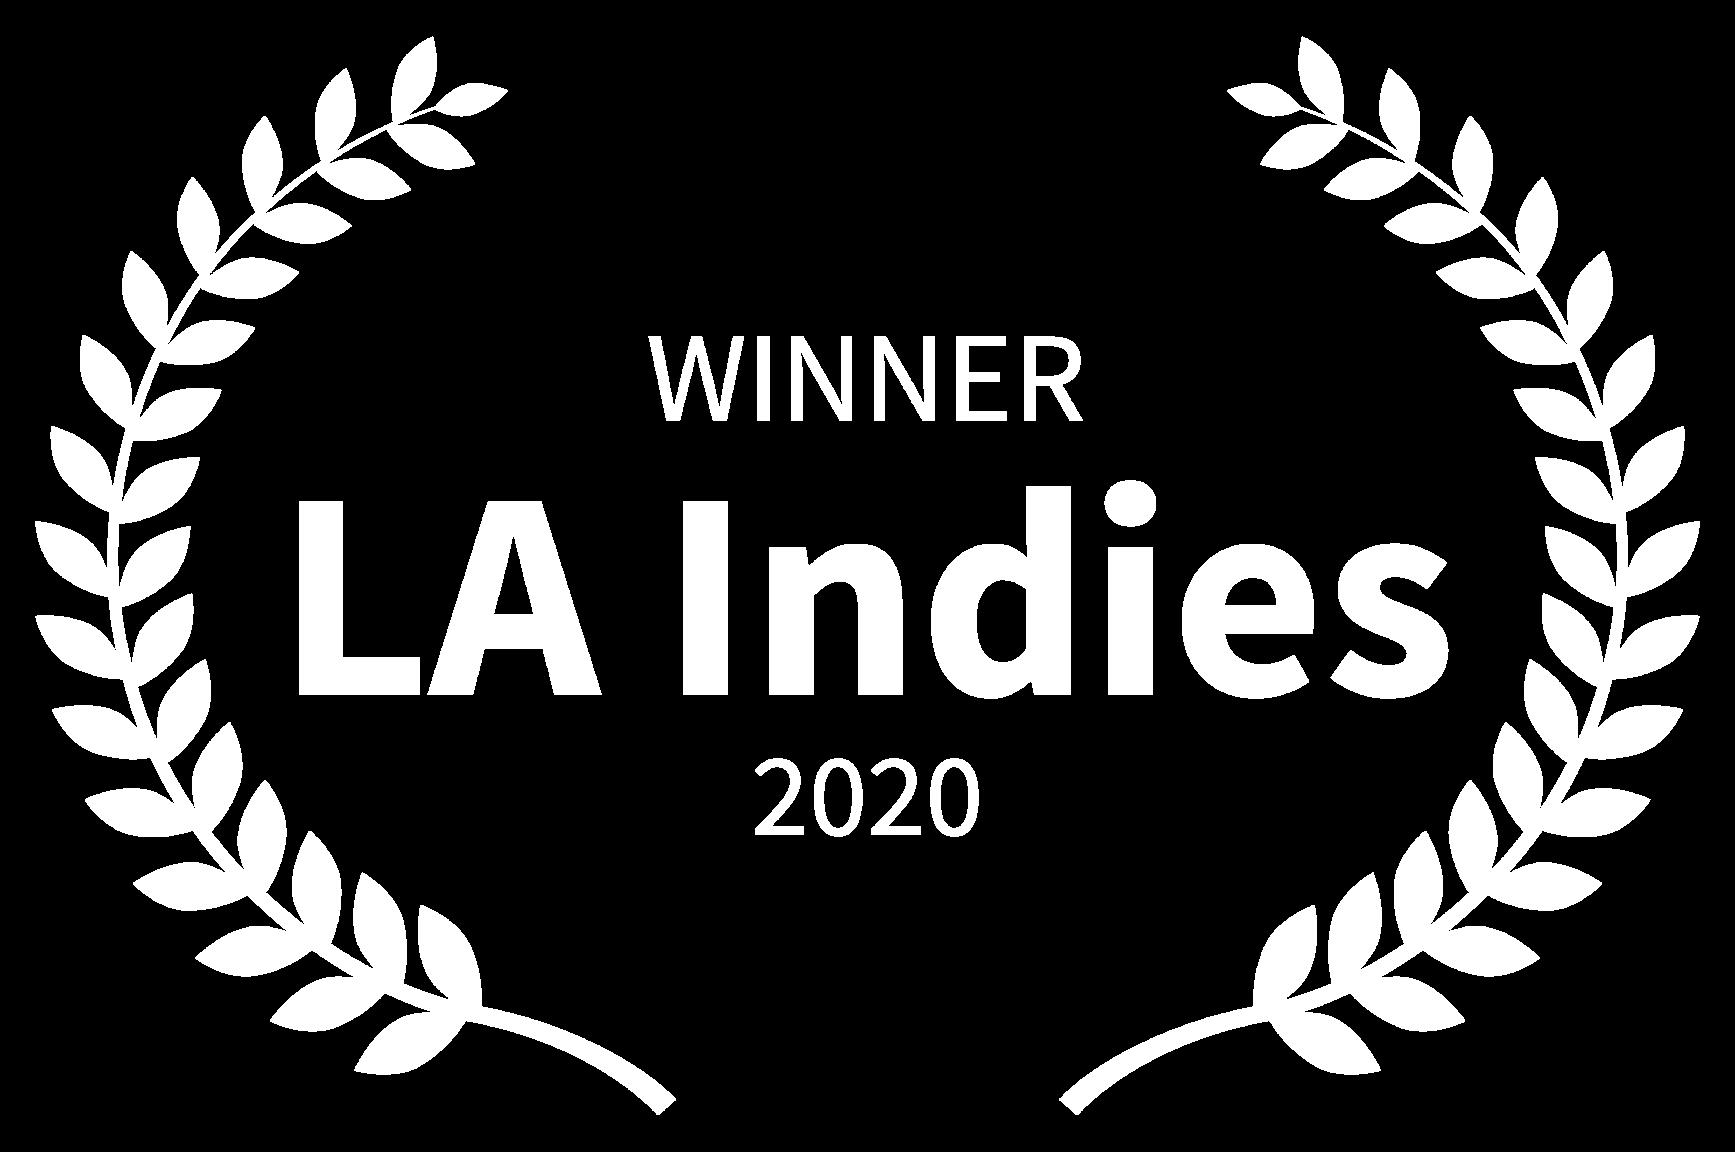 WINNER - LA Indies - 2020